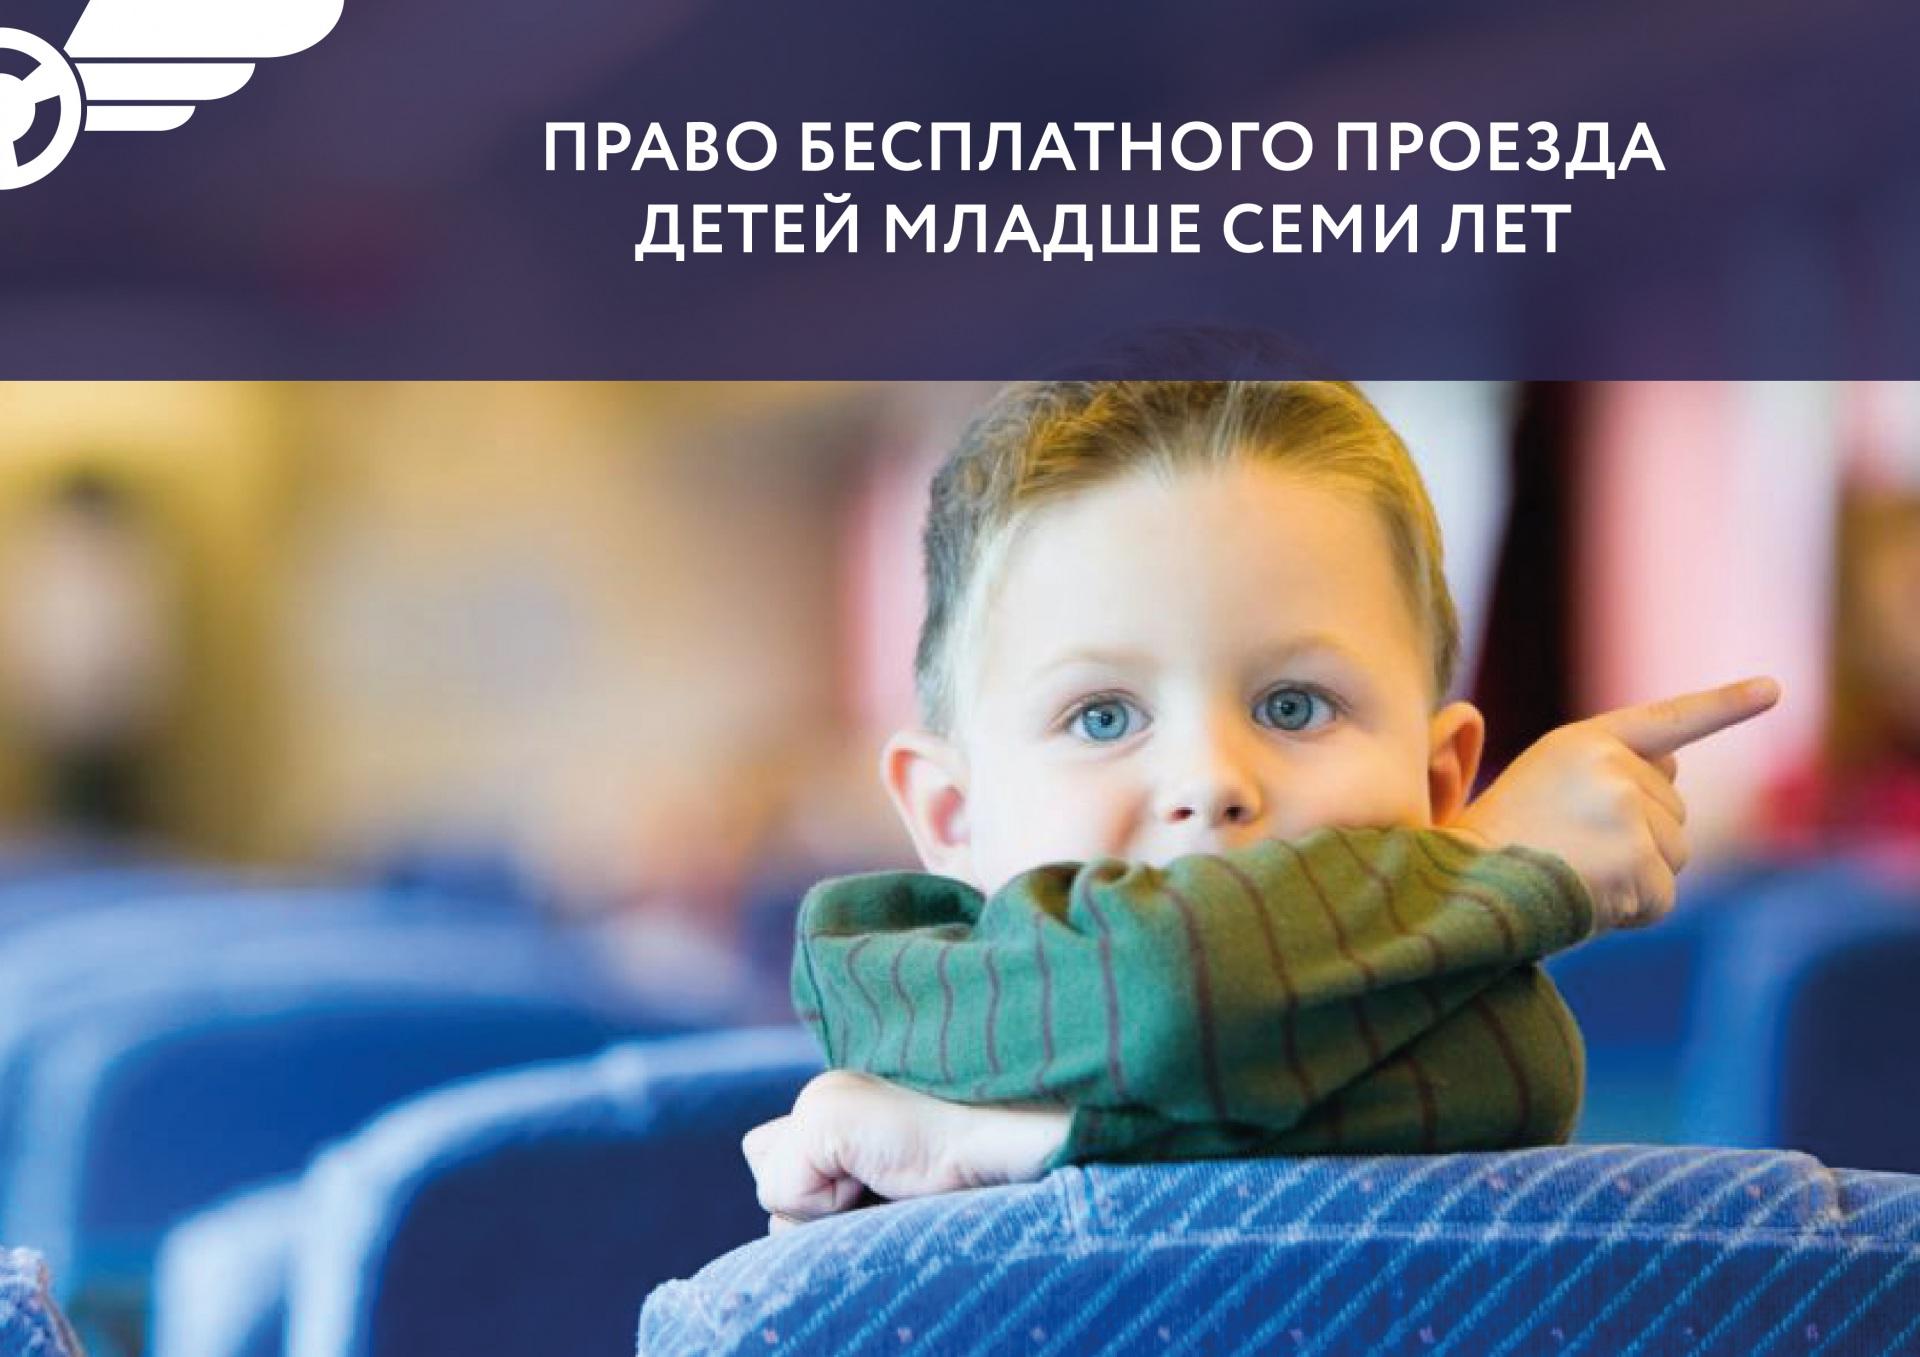 Post-dlya-VK_Besplatnyi-proezd-detei-01.jpg